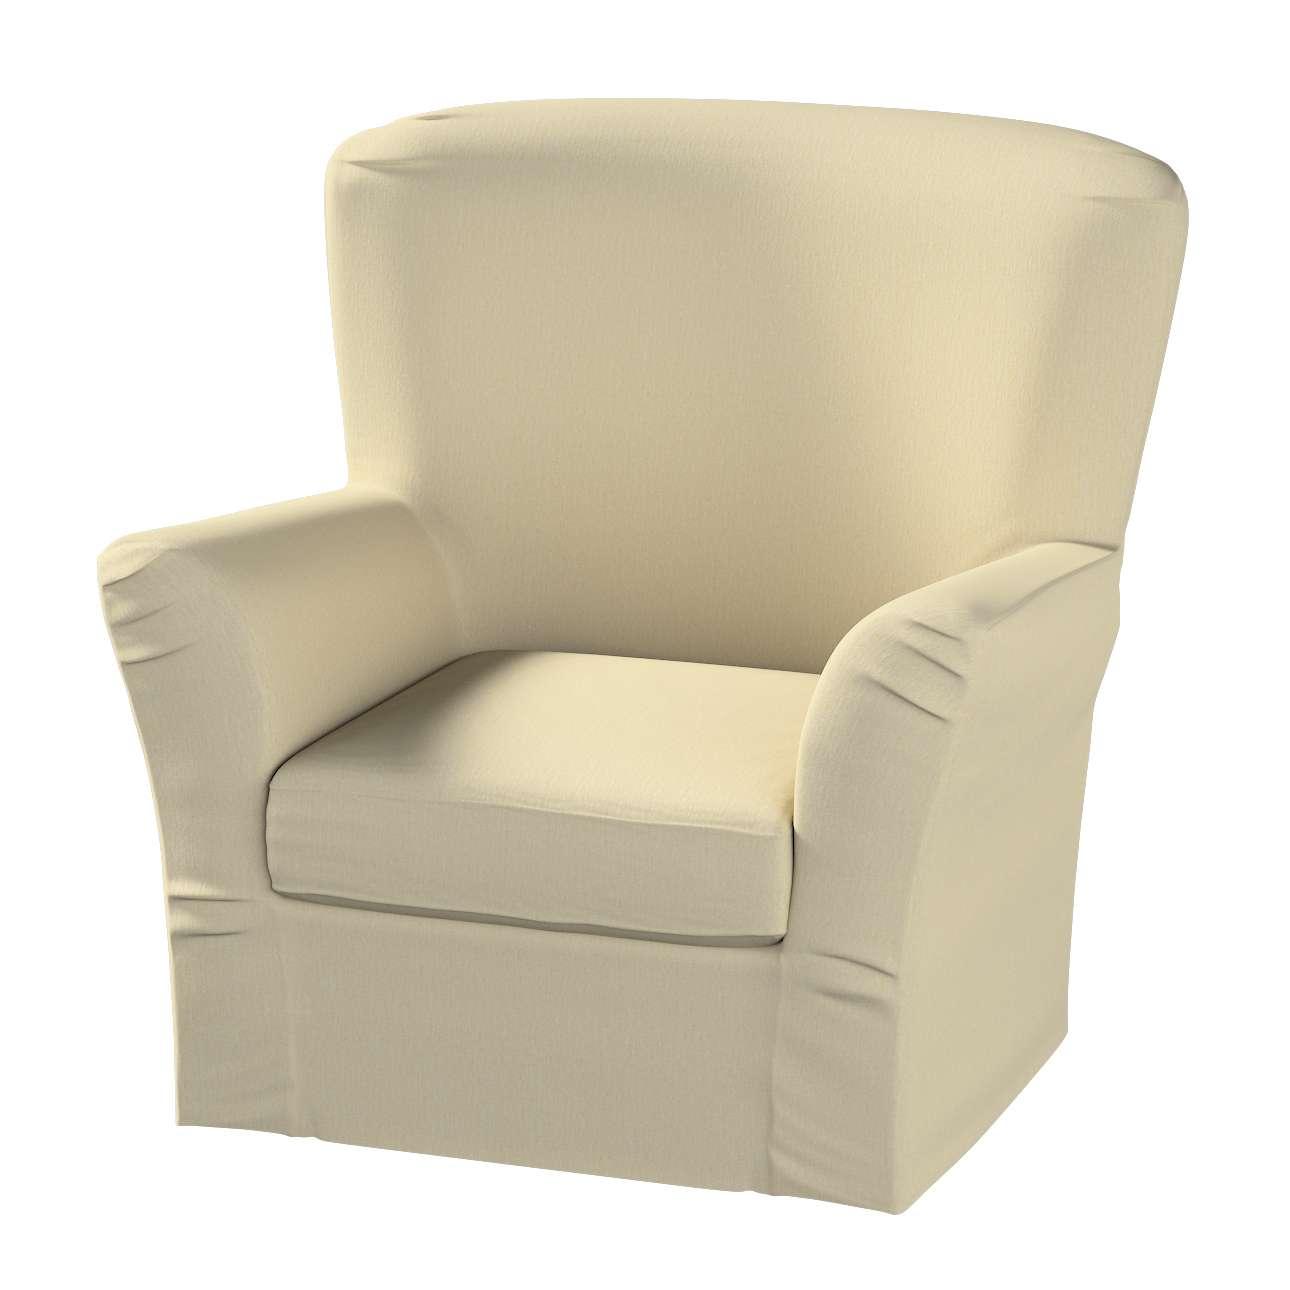 Pokrowiec na fotel Tomelilla z zakładkami fotel Tomelilla w kolekcji Chenille, tkanina: 702-22